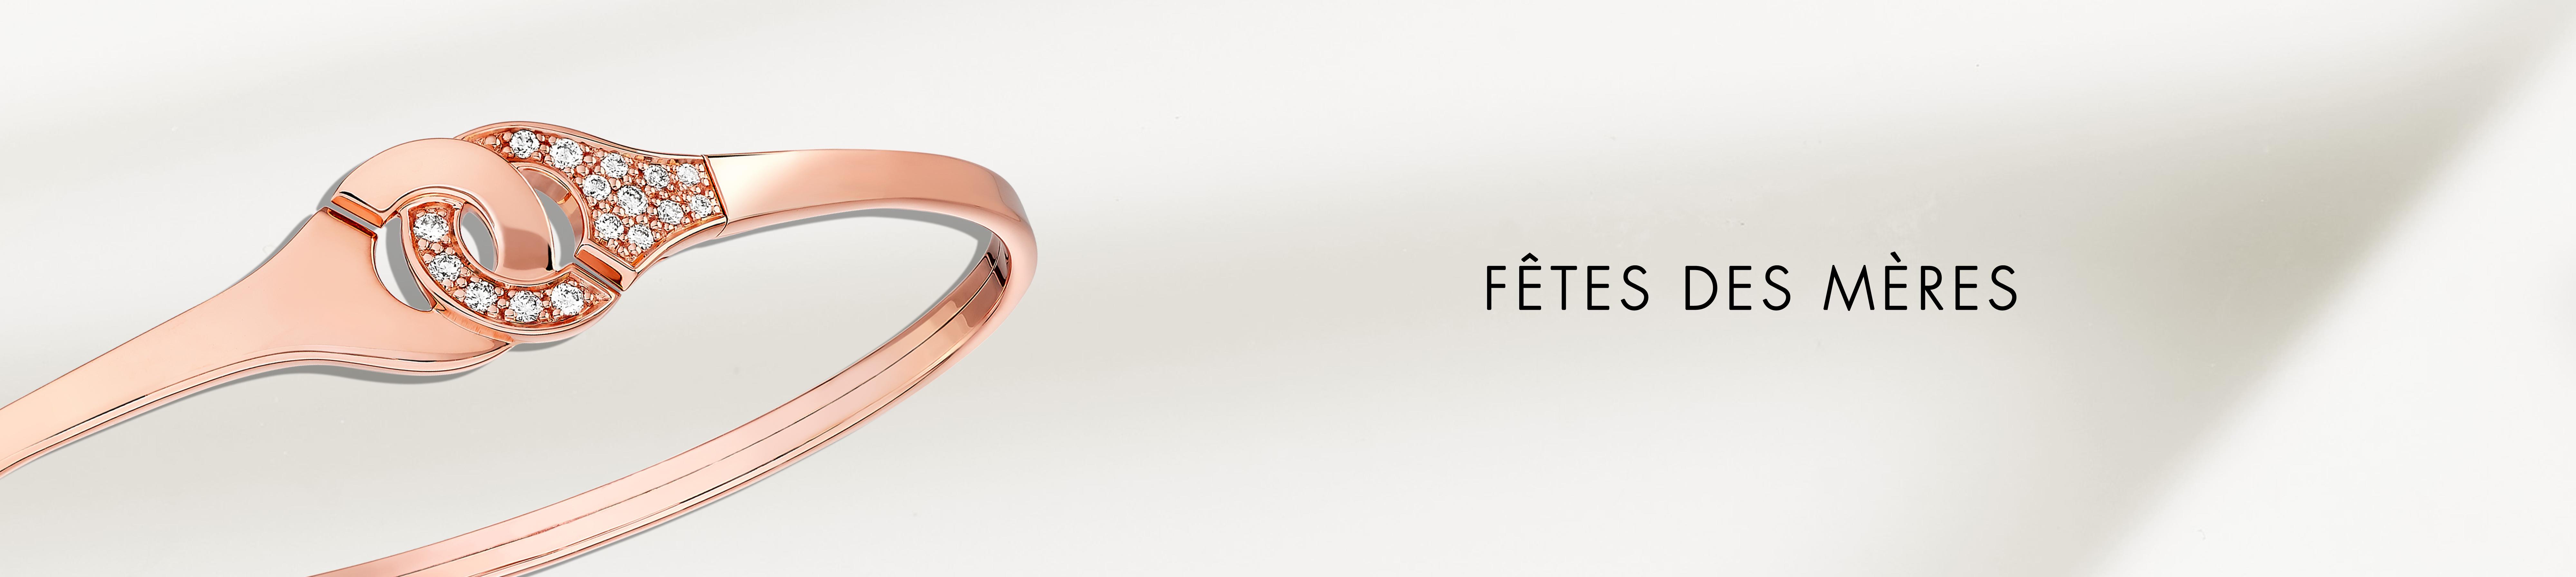 FDM 2019 FR.jpg